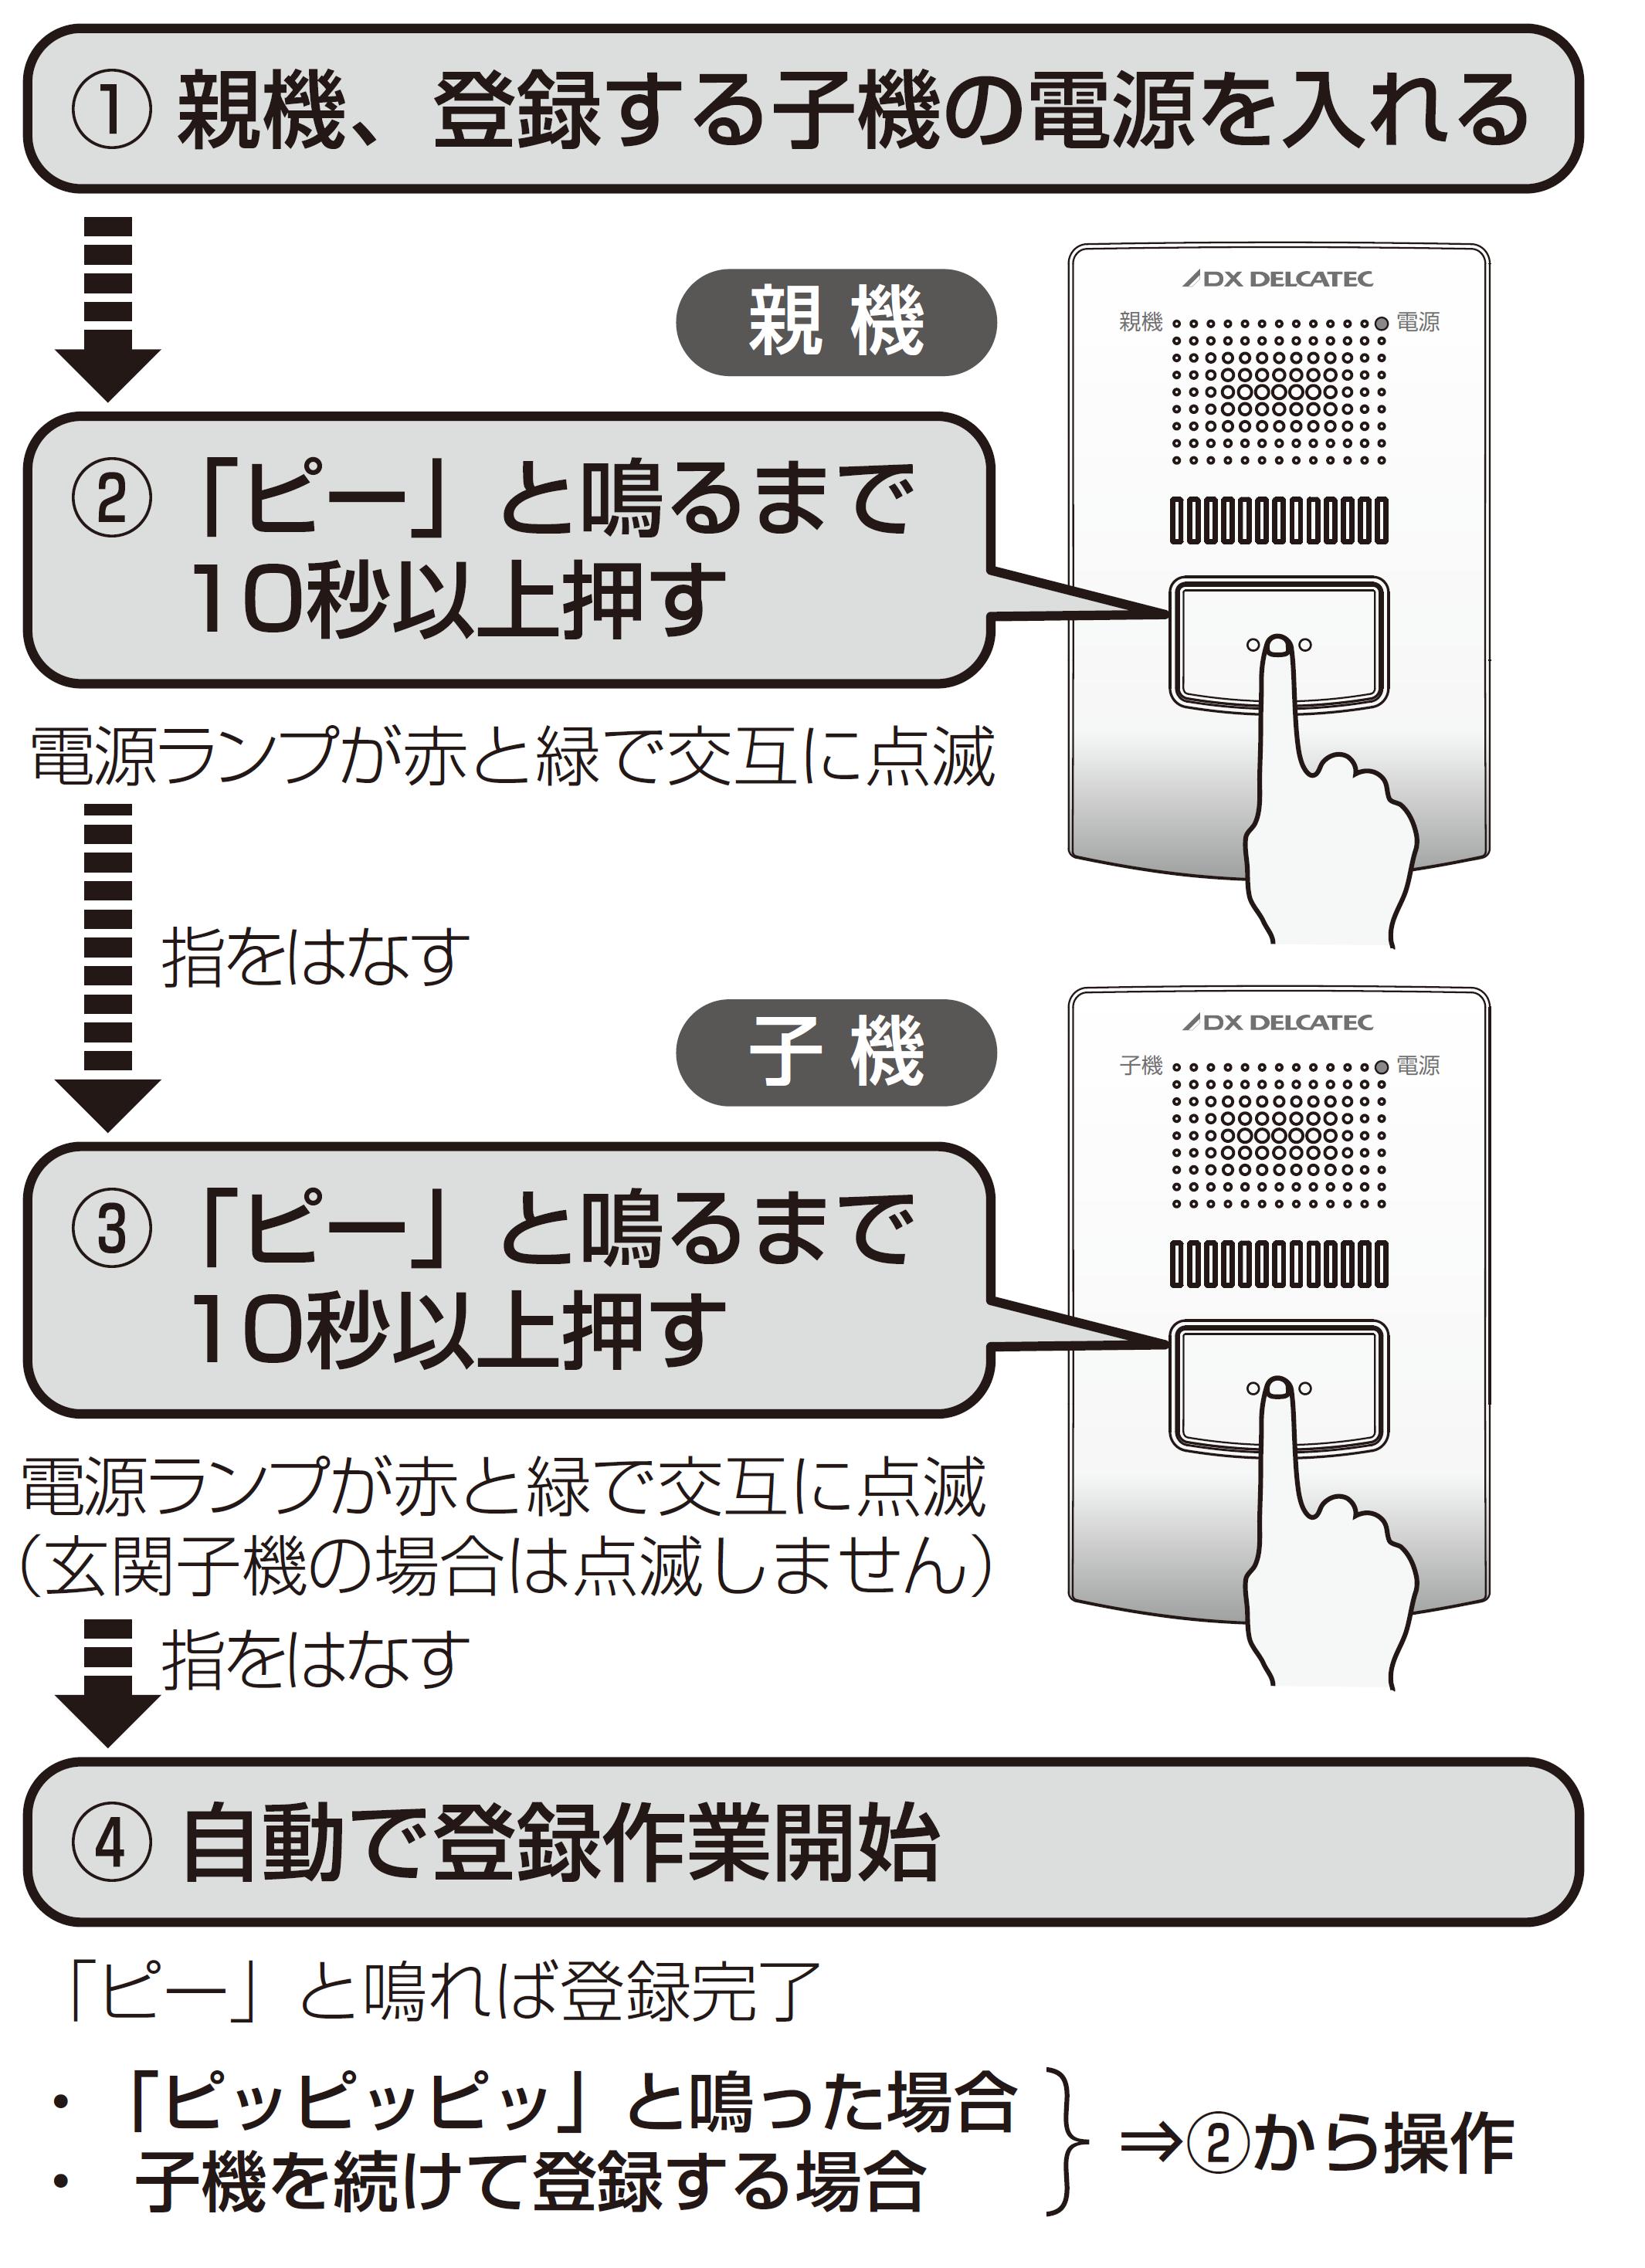 インターホン 登録方法2